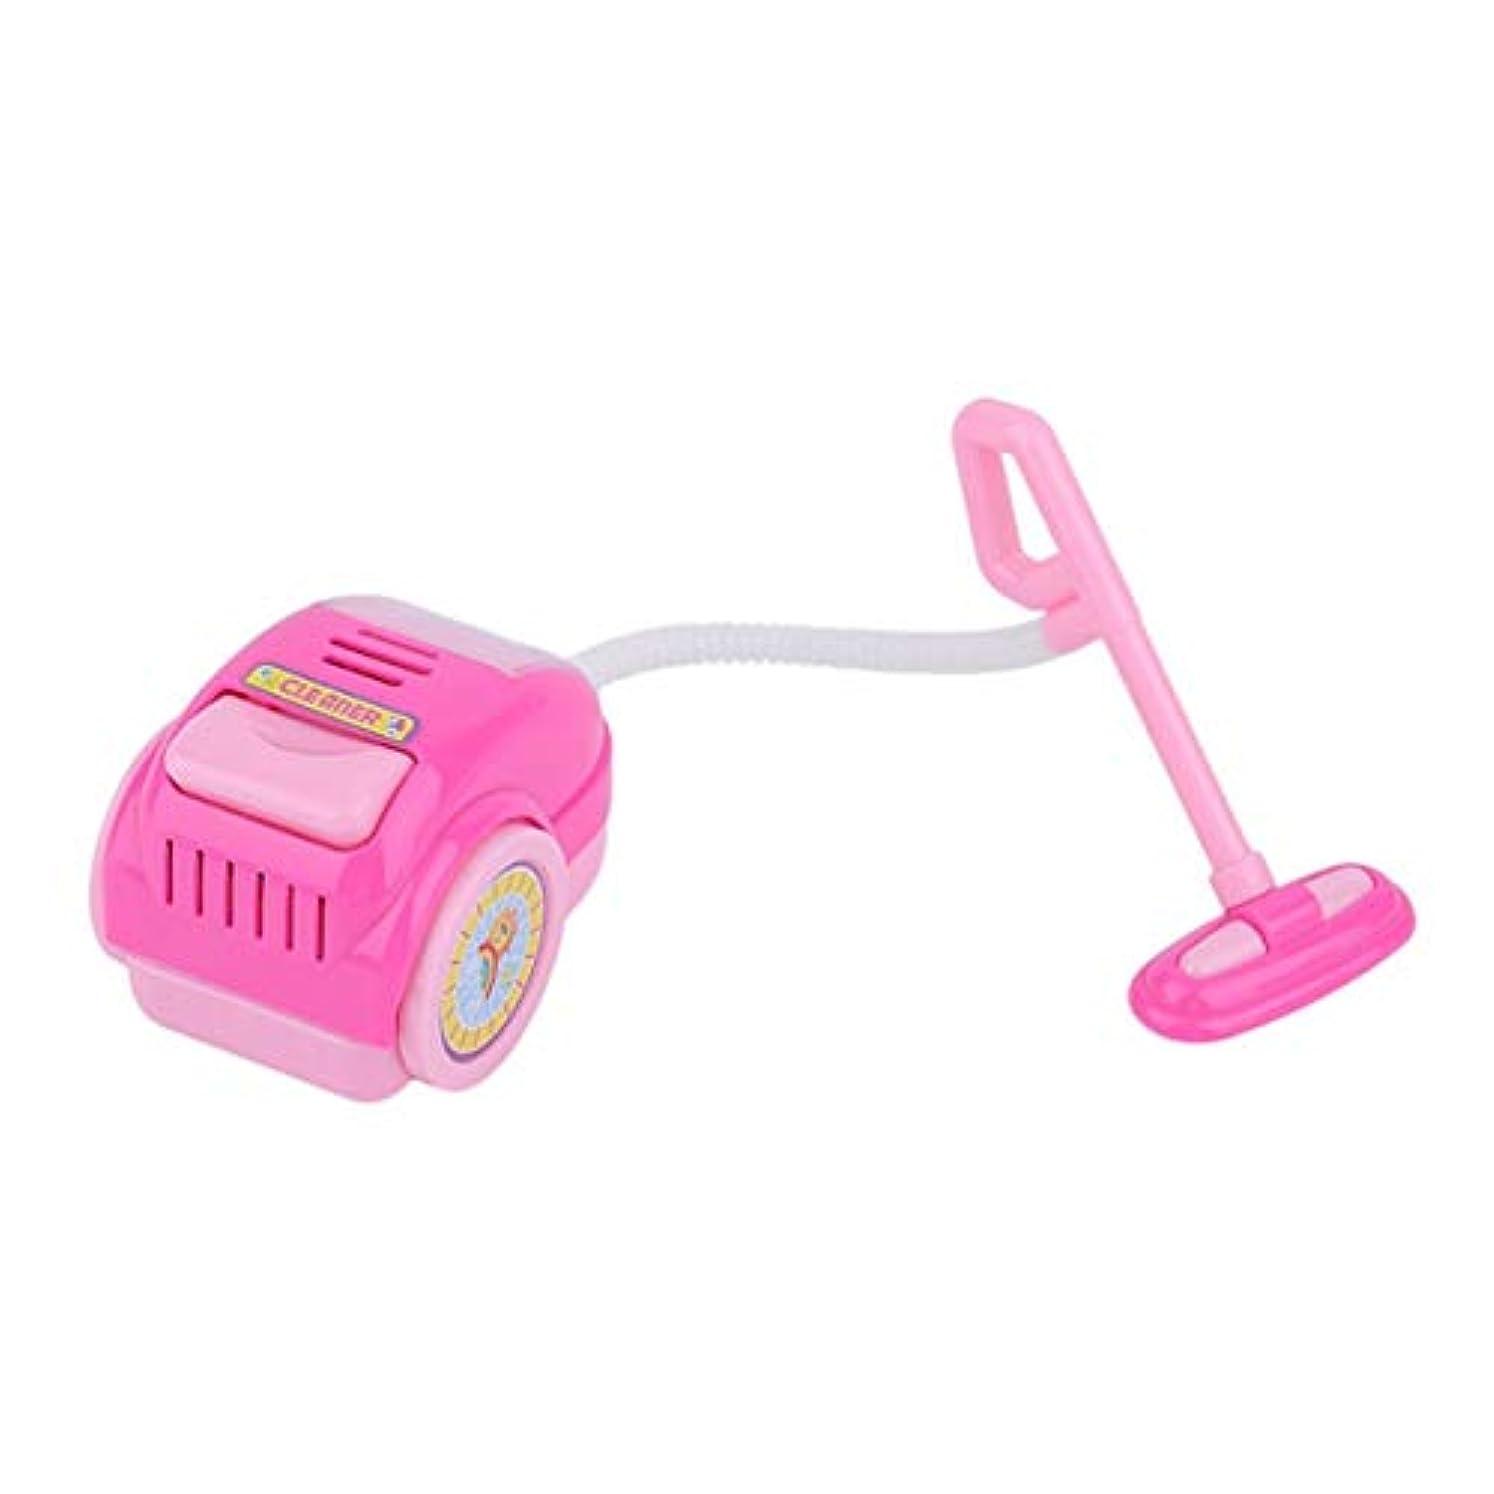 破壊すると組む暗殺者早期教育子供プレイ家のおもちゃシミュレーション掃除機ツール家庭用電化製品子供プレイおもちゃ - ピンク